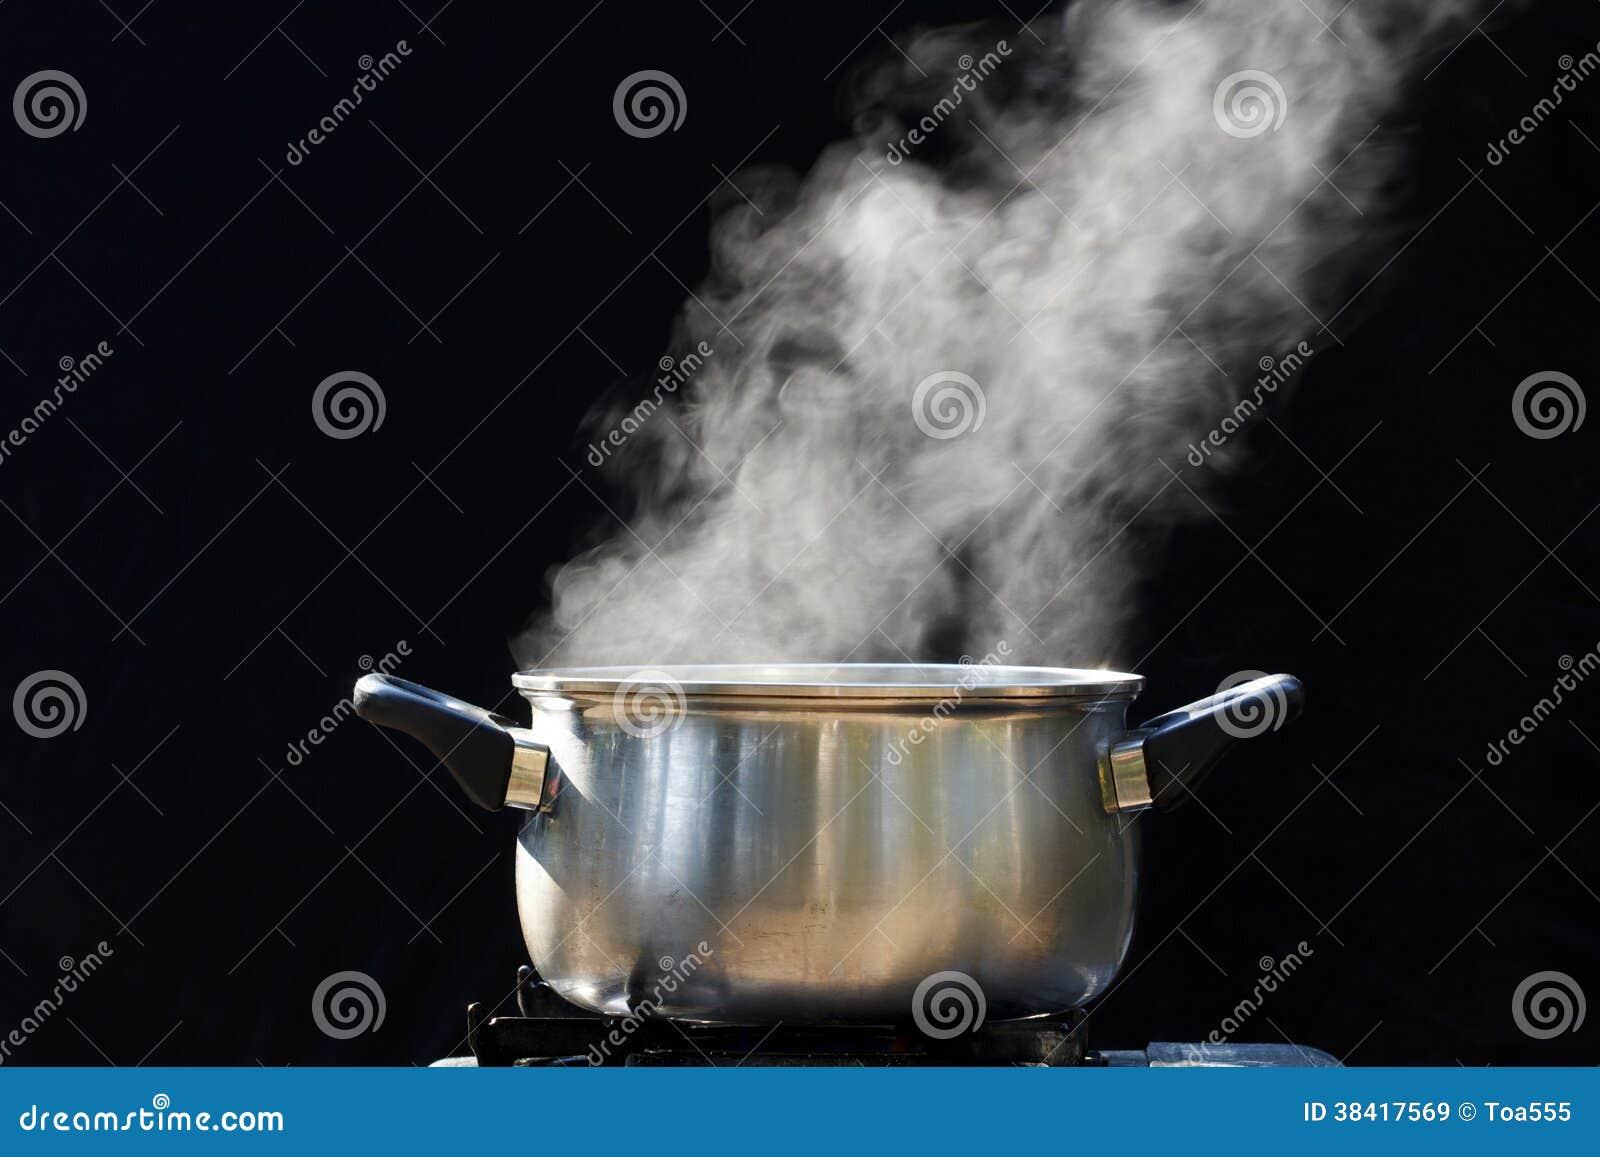 Ατμός στο δοχείο στην κουζίνα